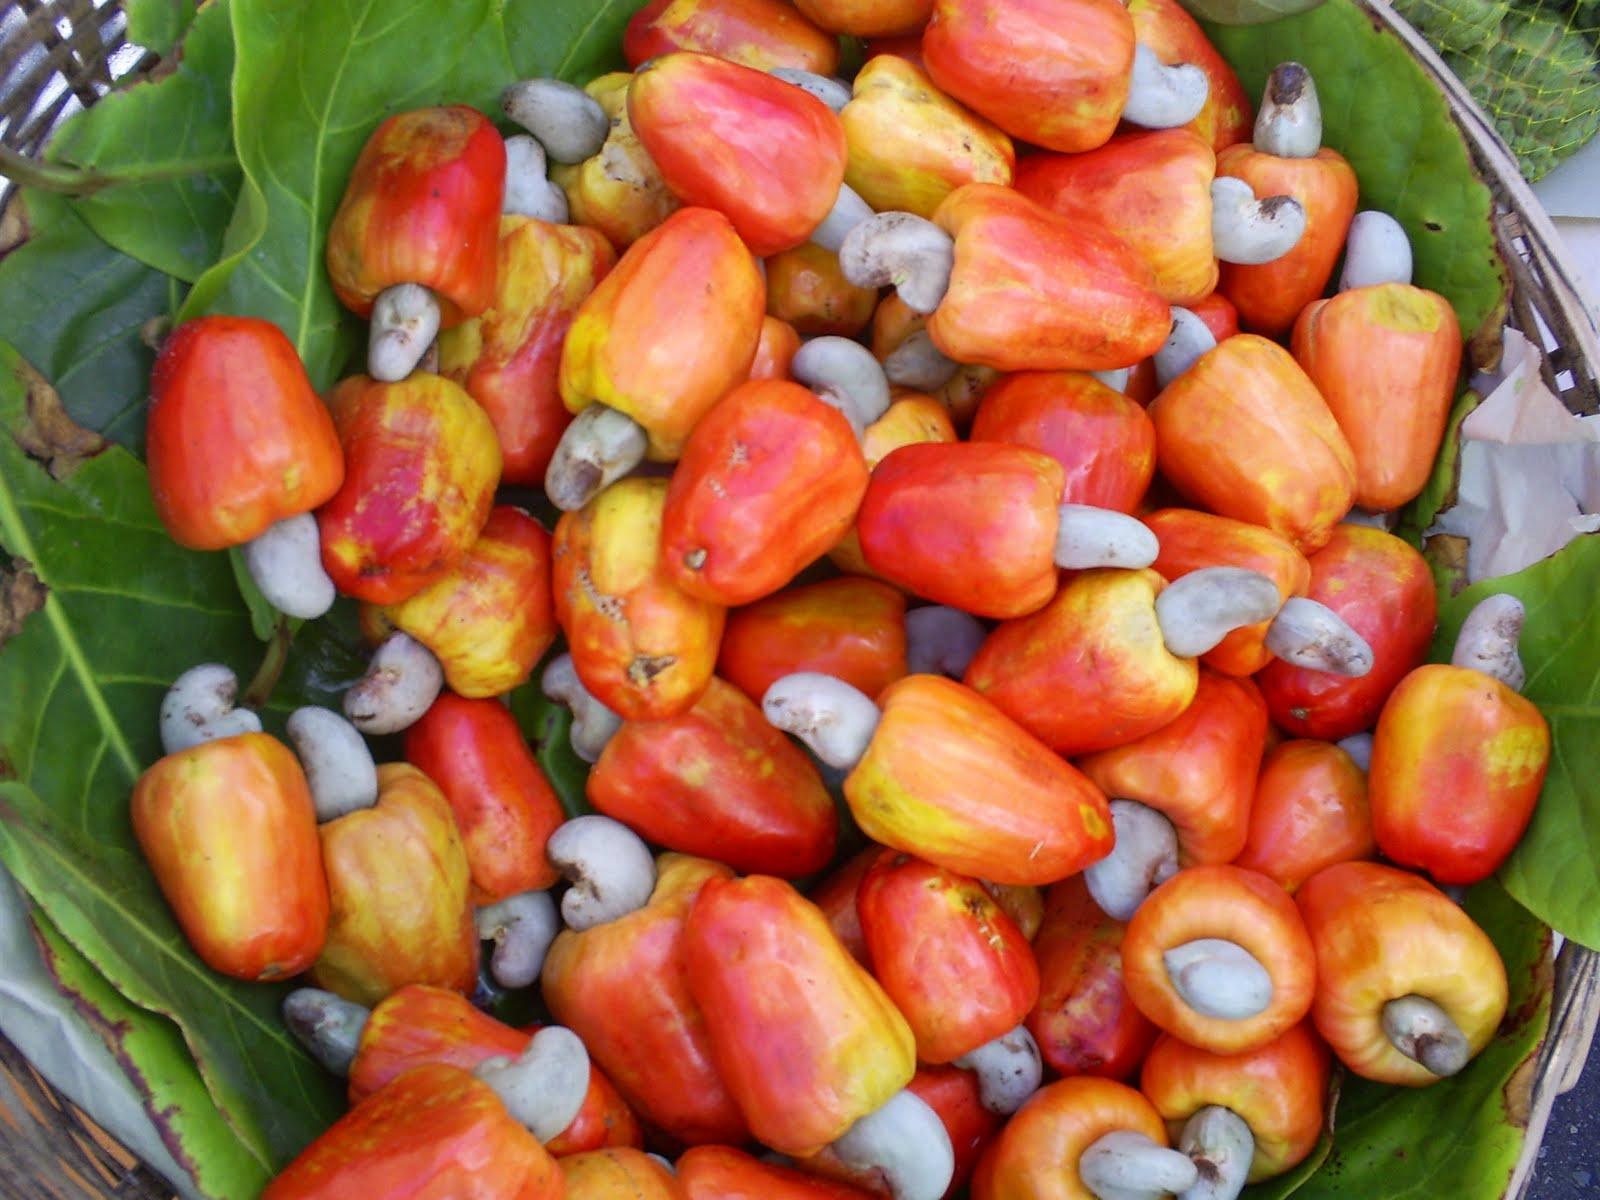 Le caju, un des fruits exotiques qu'on trouve à Rio de Janeiro